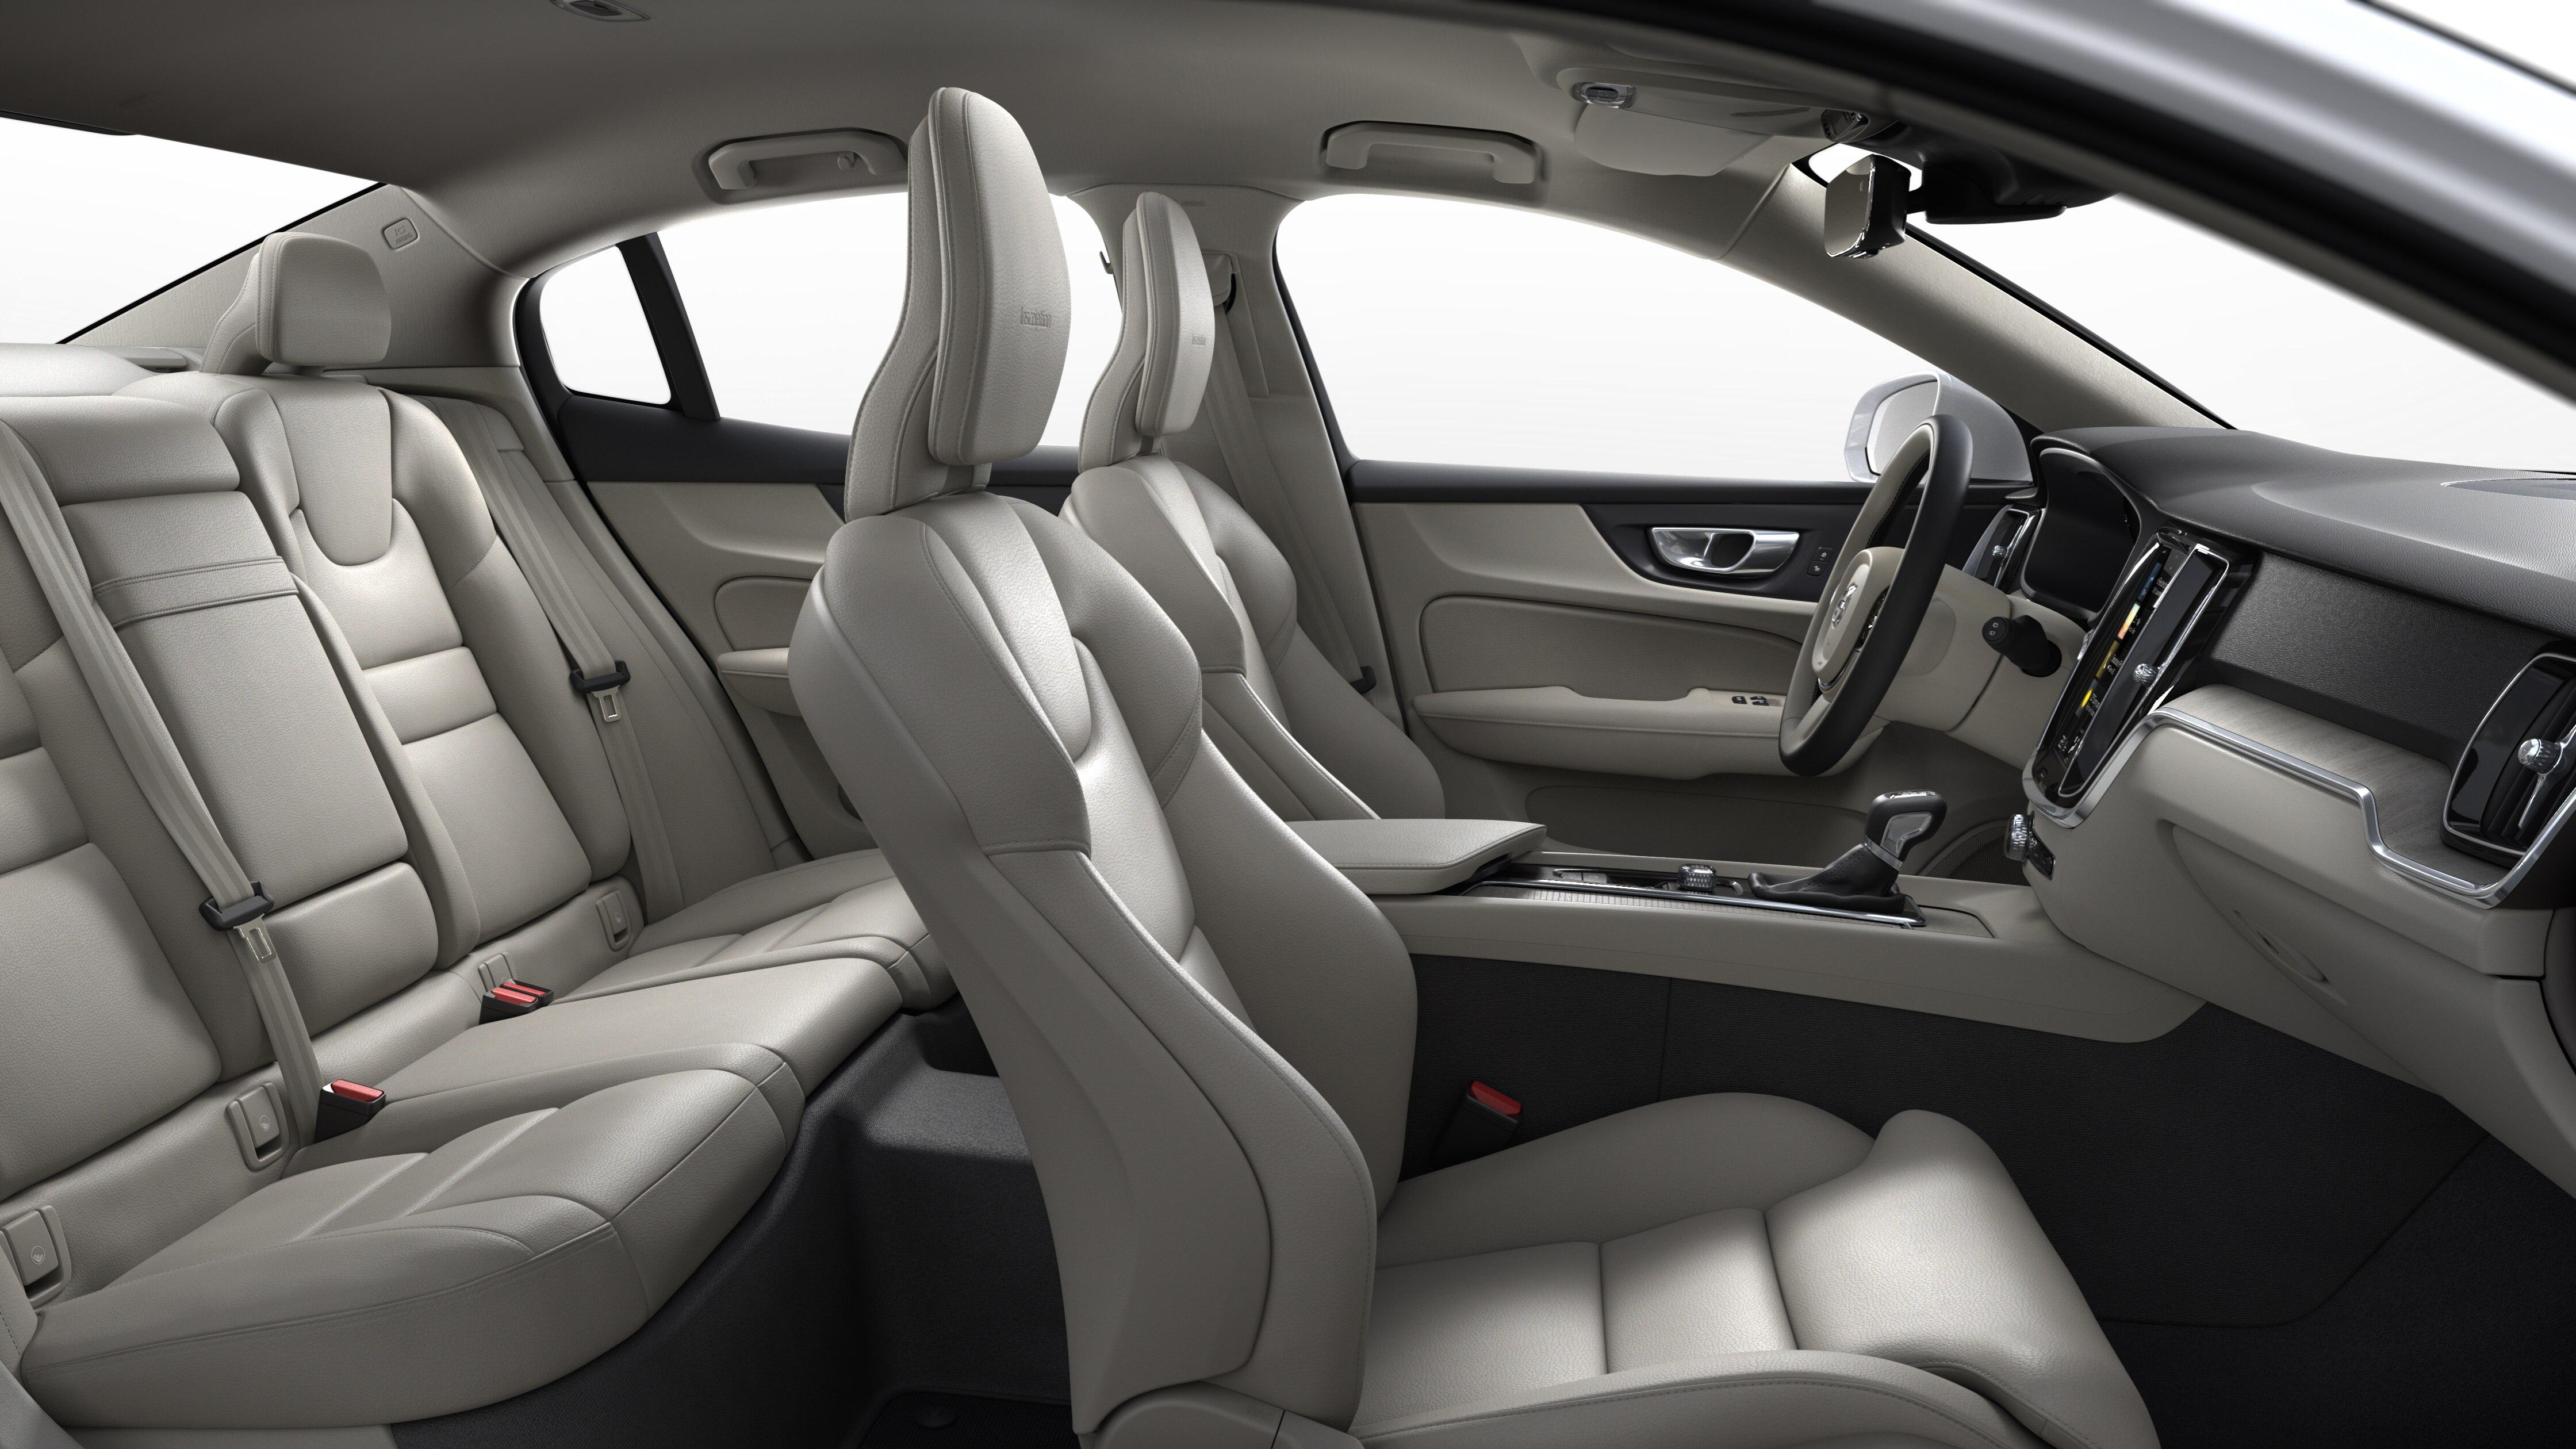 Volvo S60 autoliising   Sixt Leasing